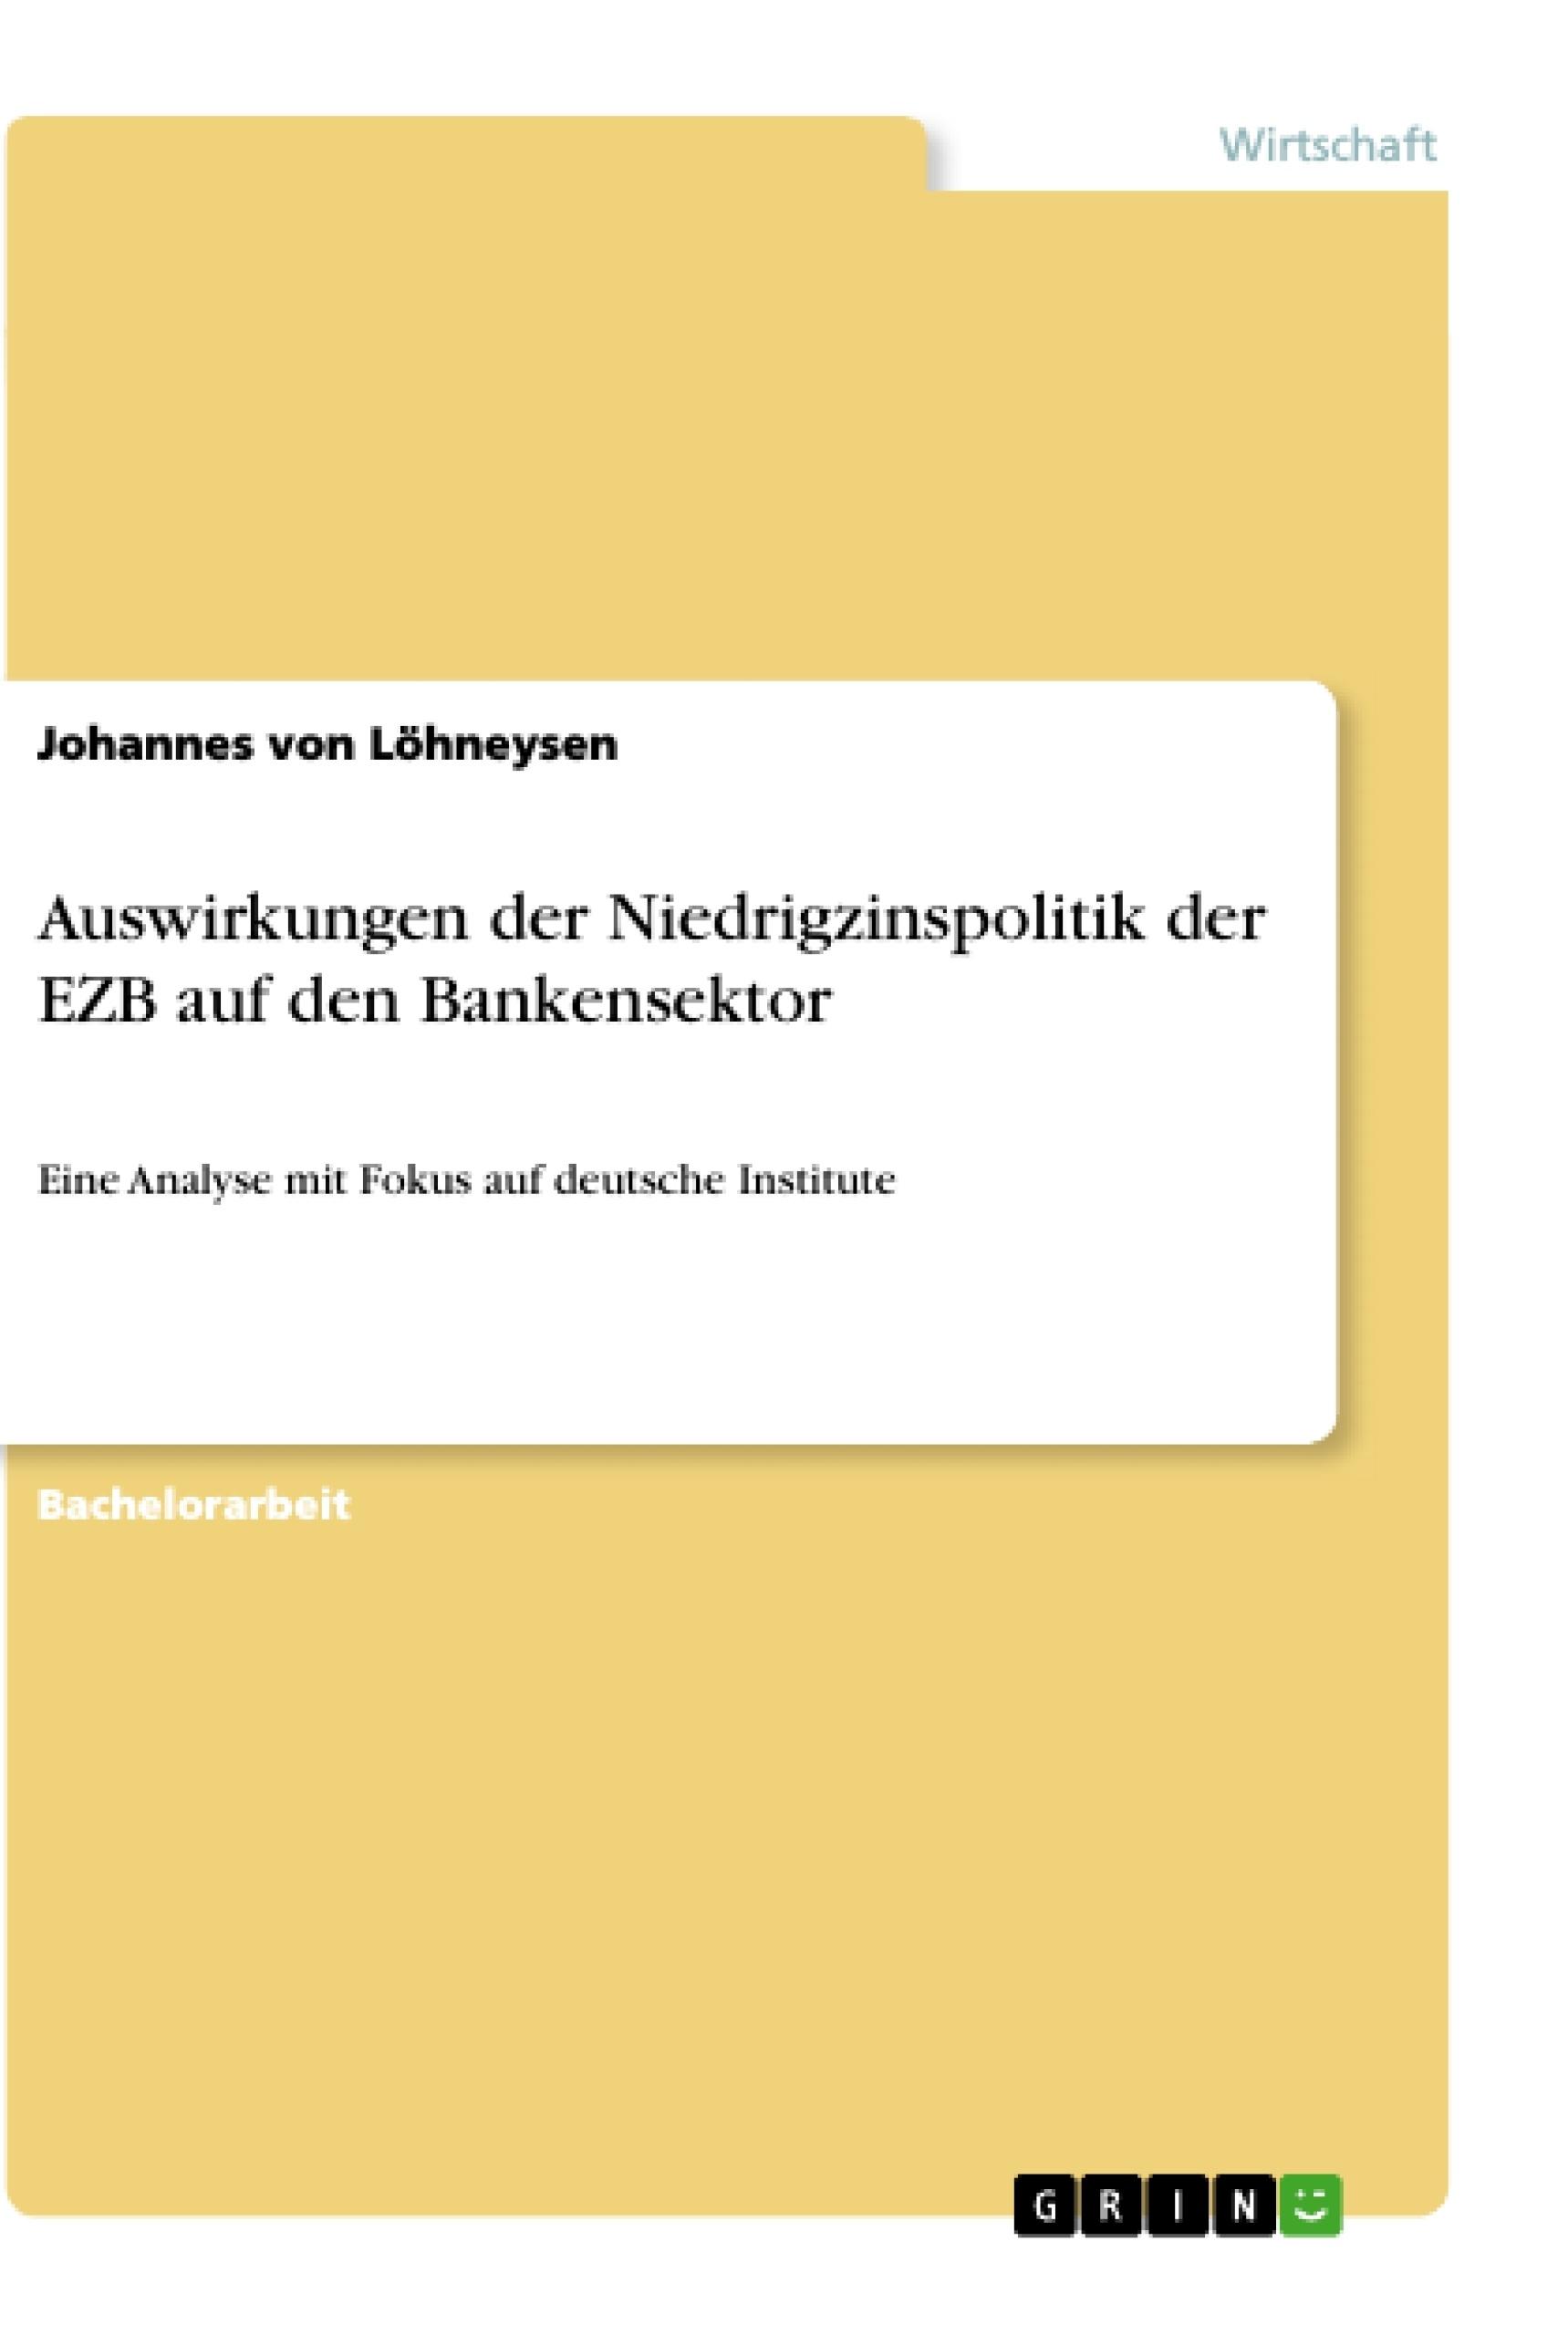 Titel: Auswirkungen der Niedrigzinspolitik der EZB auf den Bankensektor